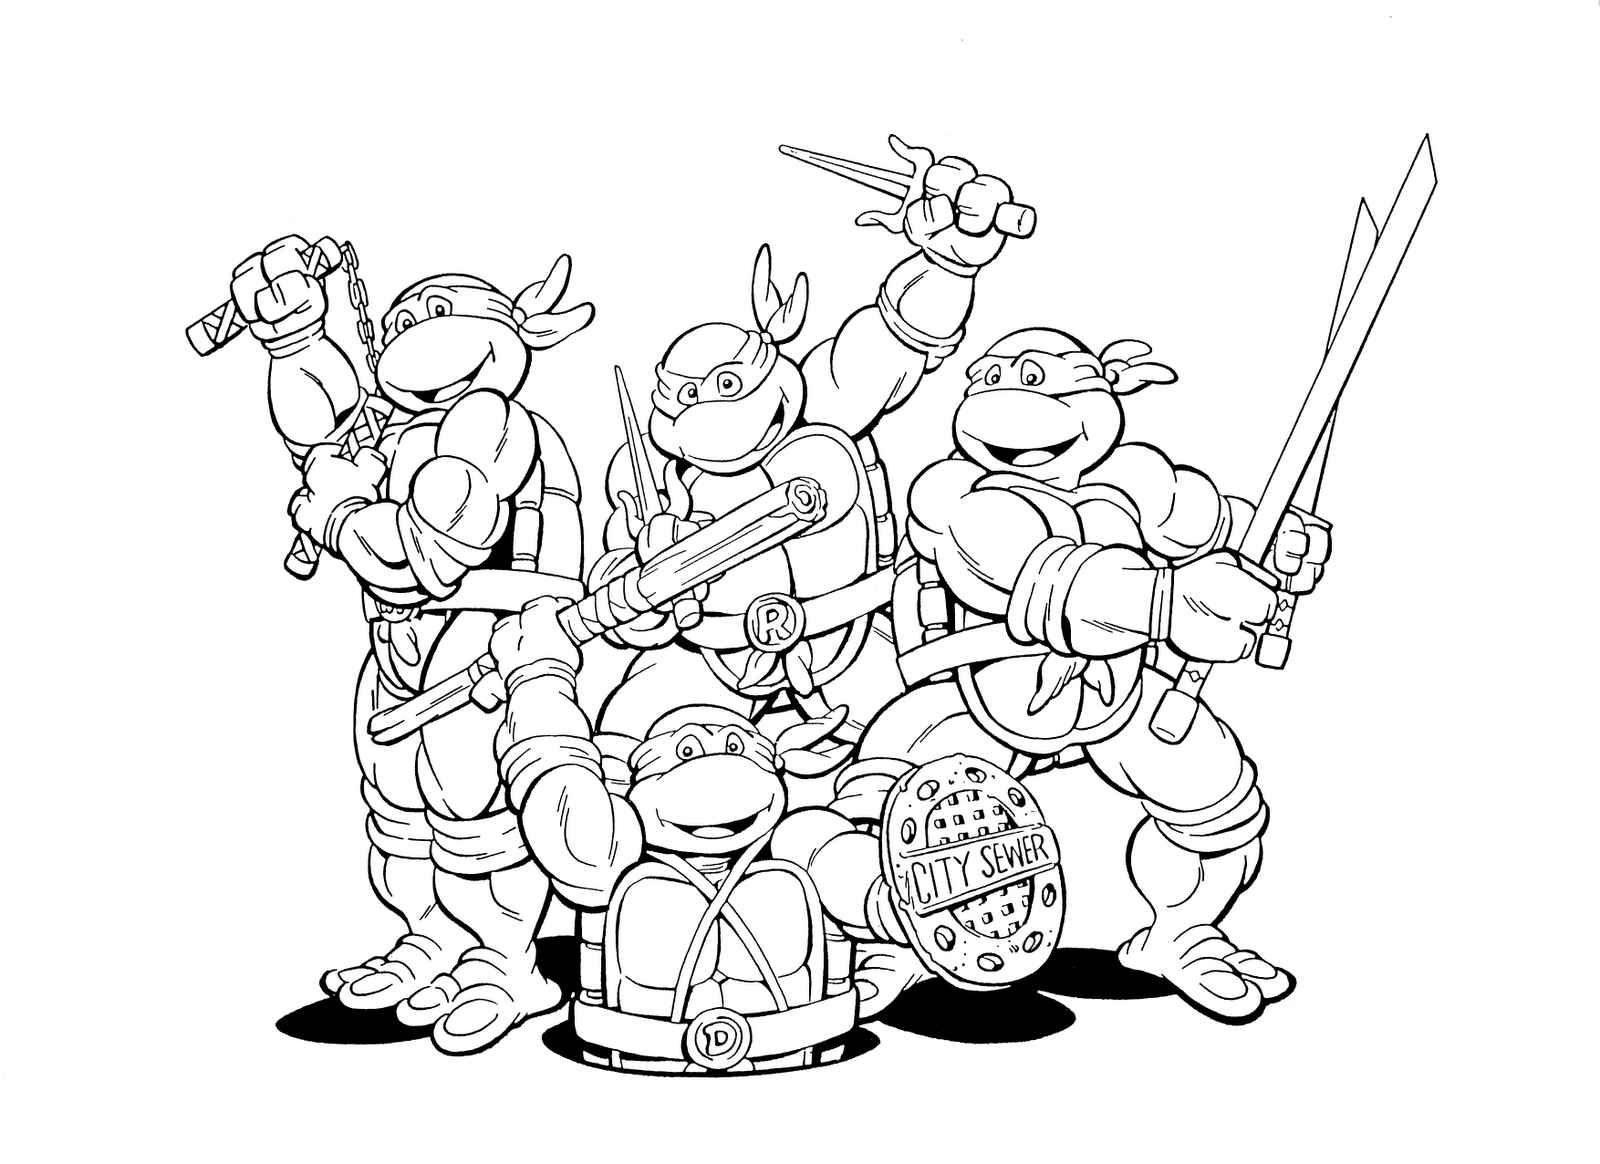 Teenage Mutant Ninja Turtles Coloring Pages Printable Ot Stuff